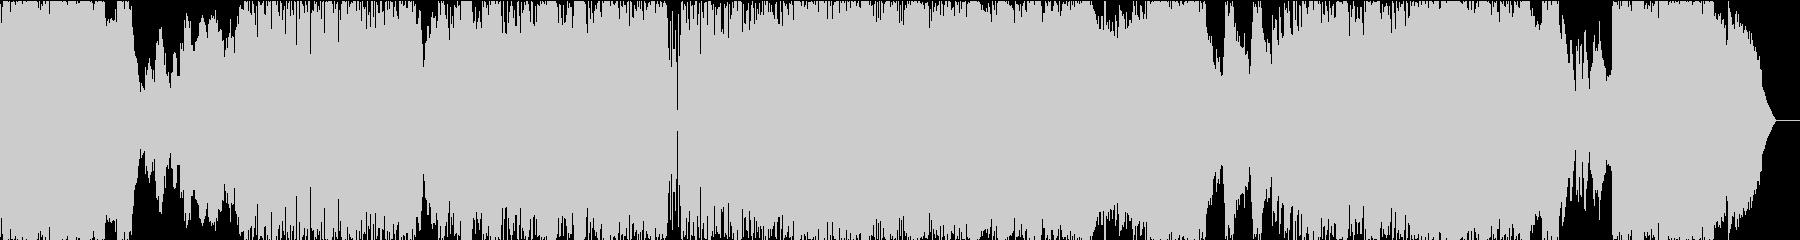 めちゃくちゃかっこいいサウンドのBGM!の未再生の波形